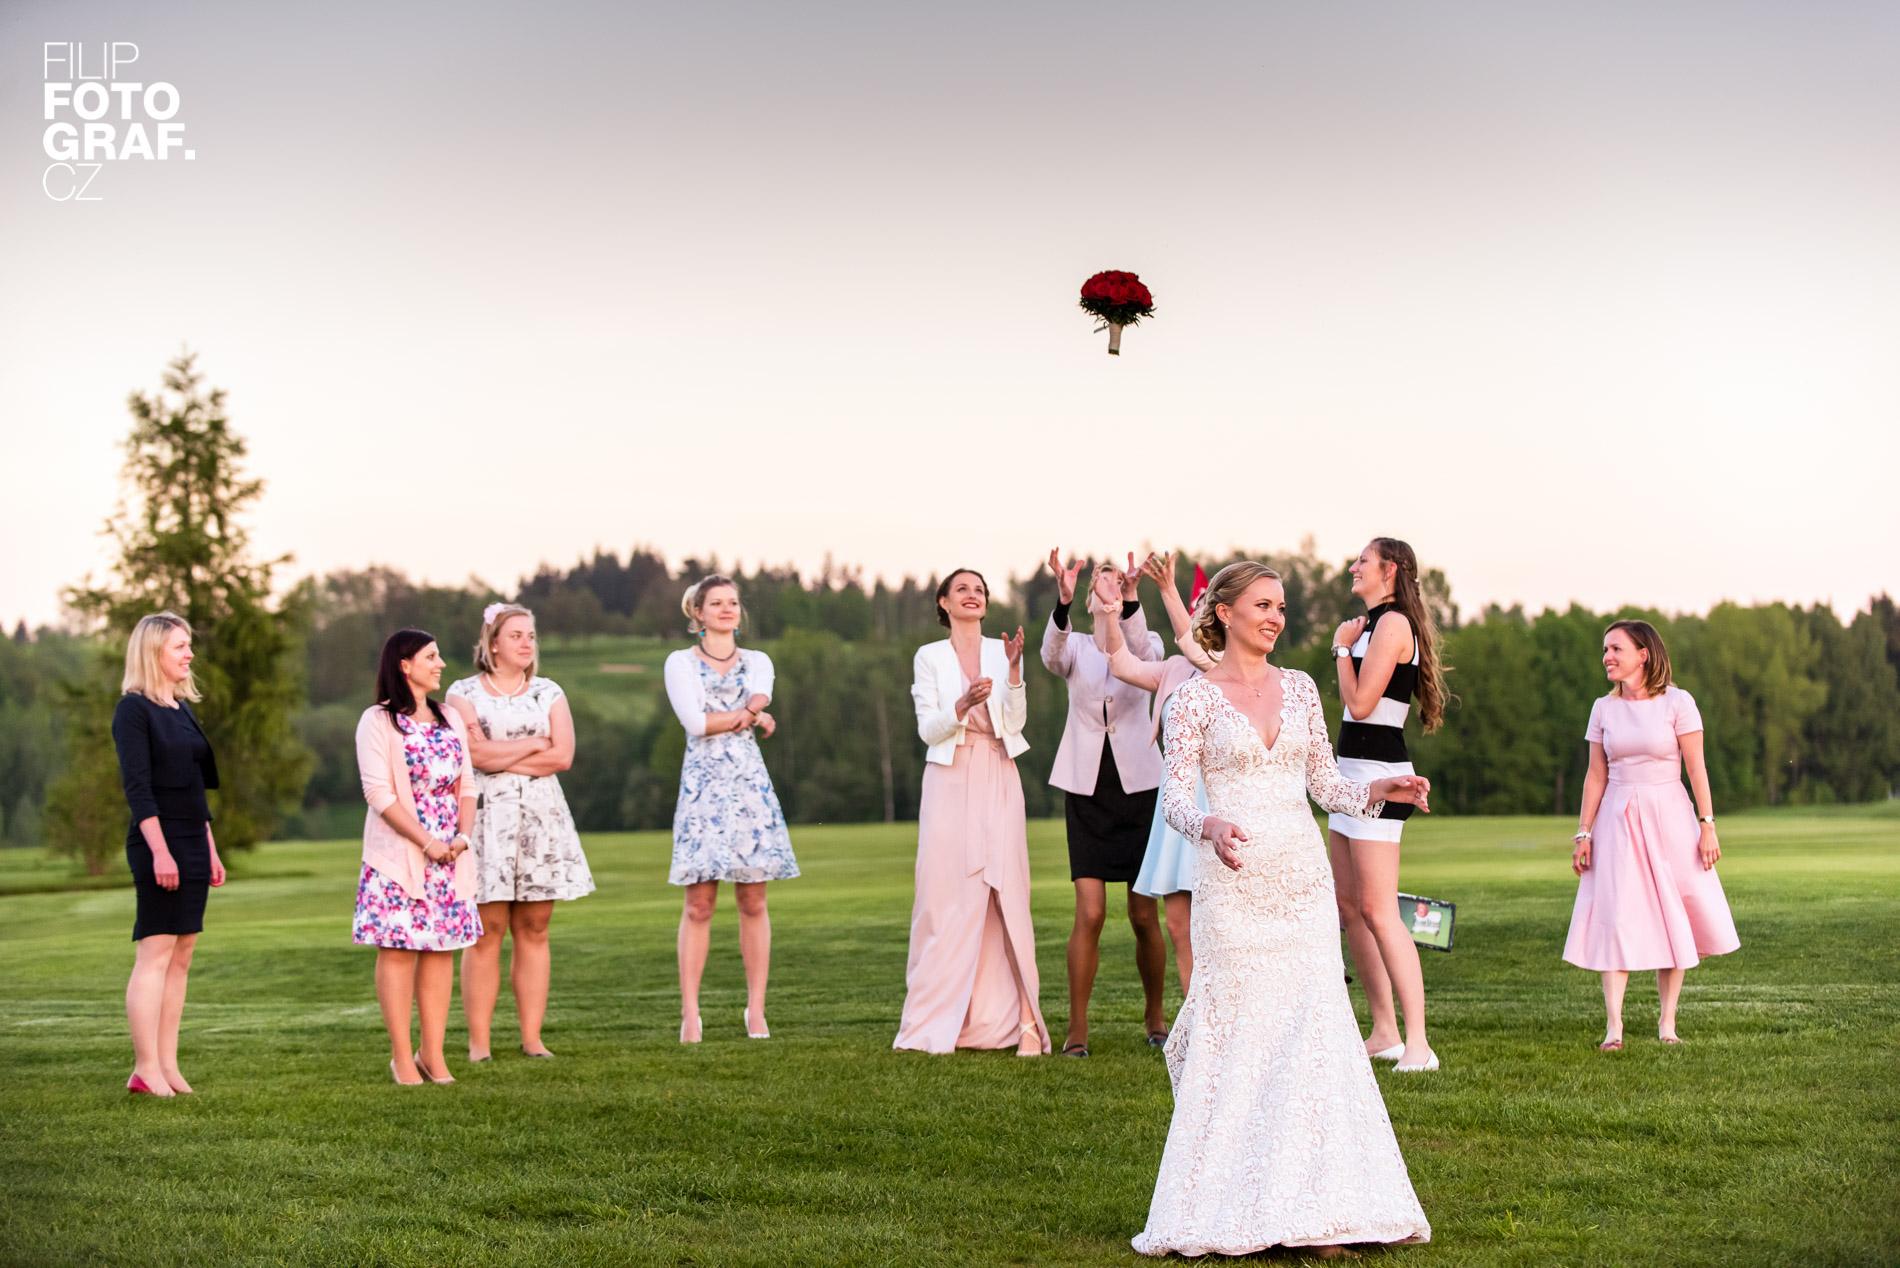 Svatební reportáž - svatební fotograf Filip Komorous